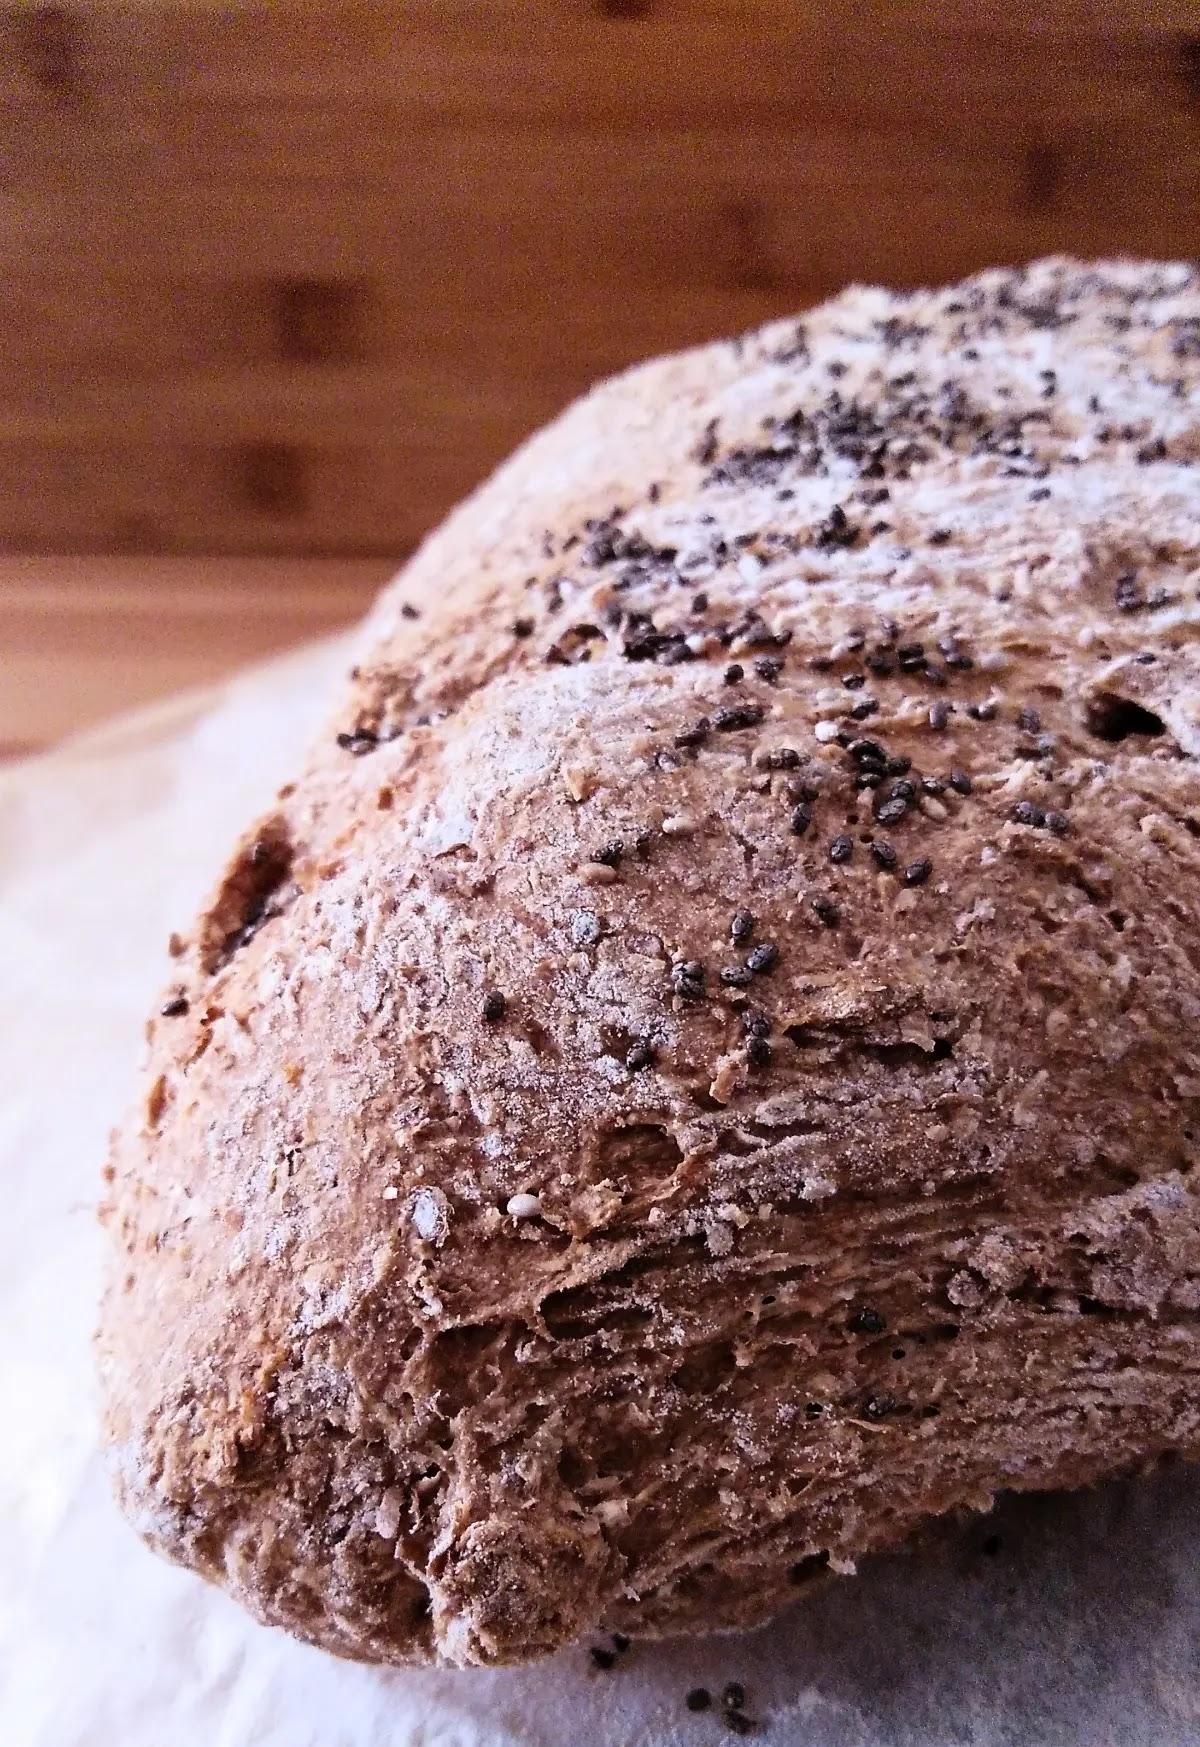 Receta de pan integral casero con panificadora y levadura fresca de panadería